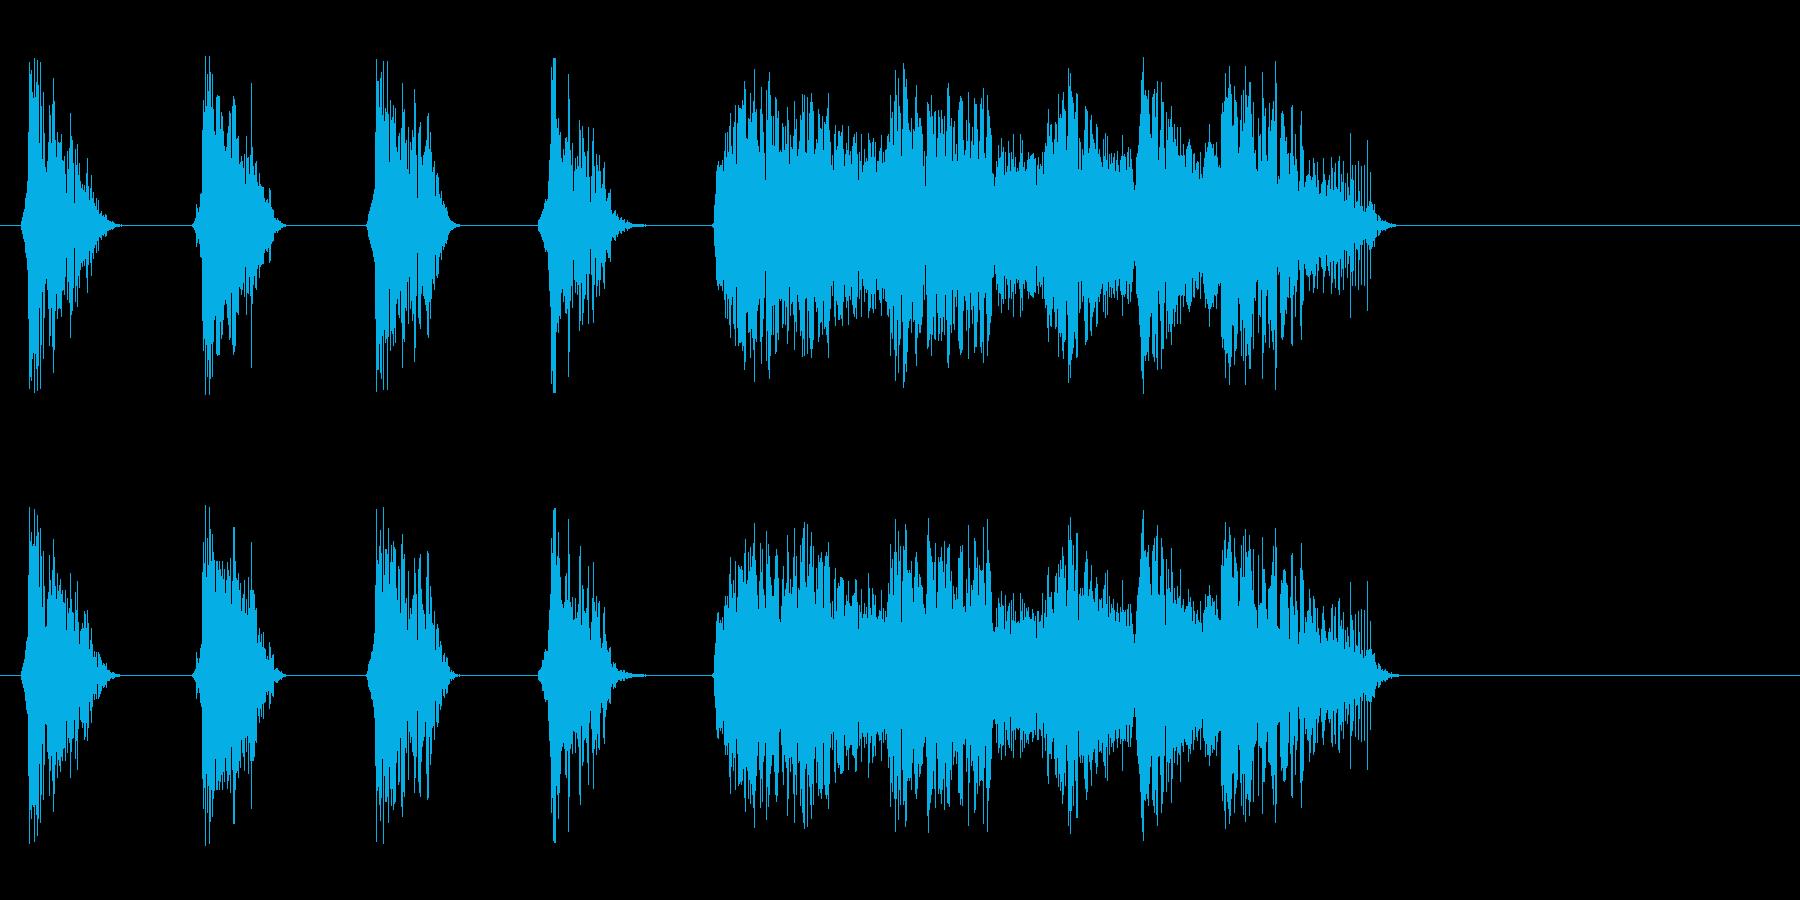 和風楽曲を盛り上げる熱い掛け声_Dryの再生済みの波形